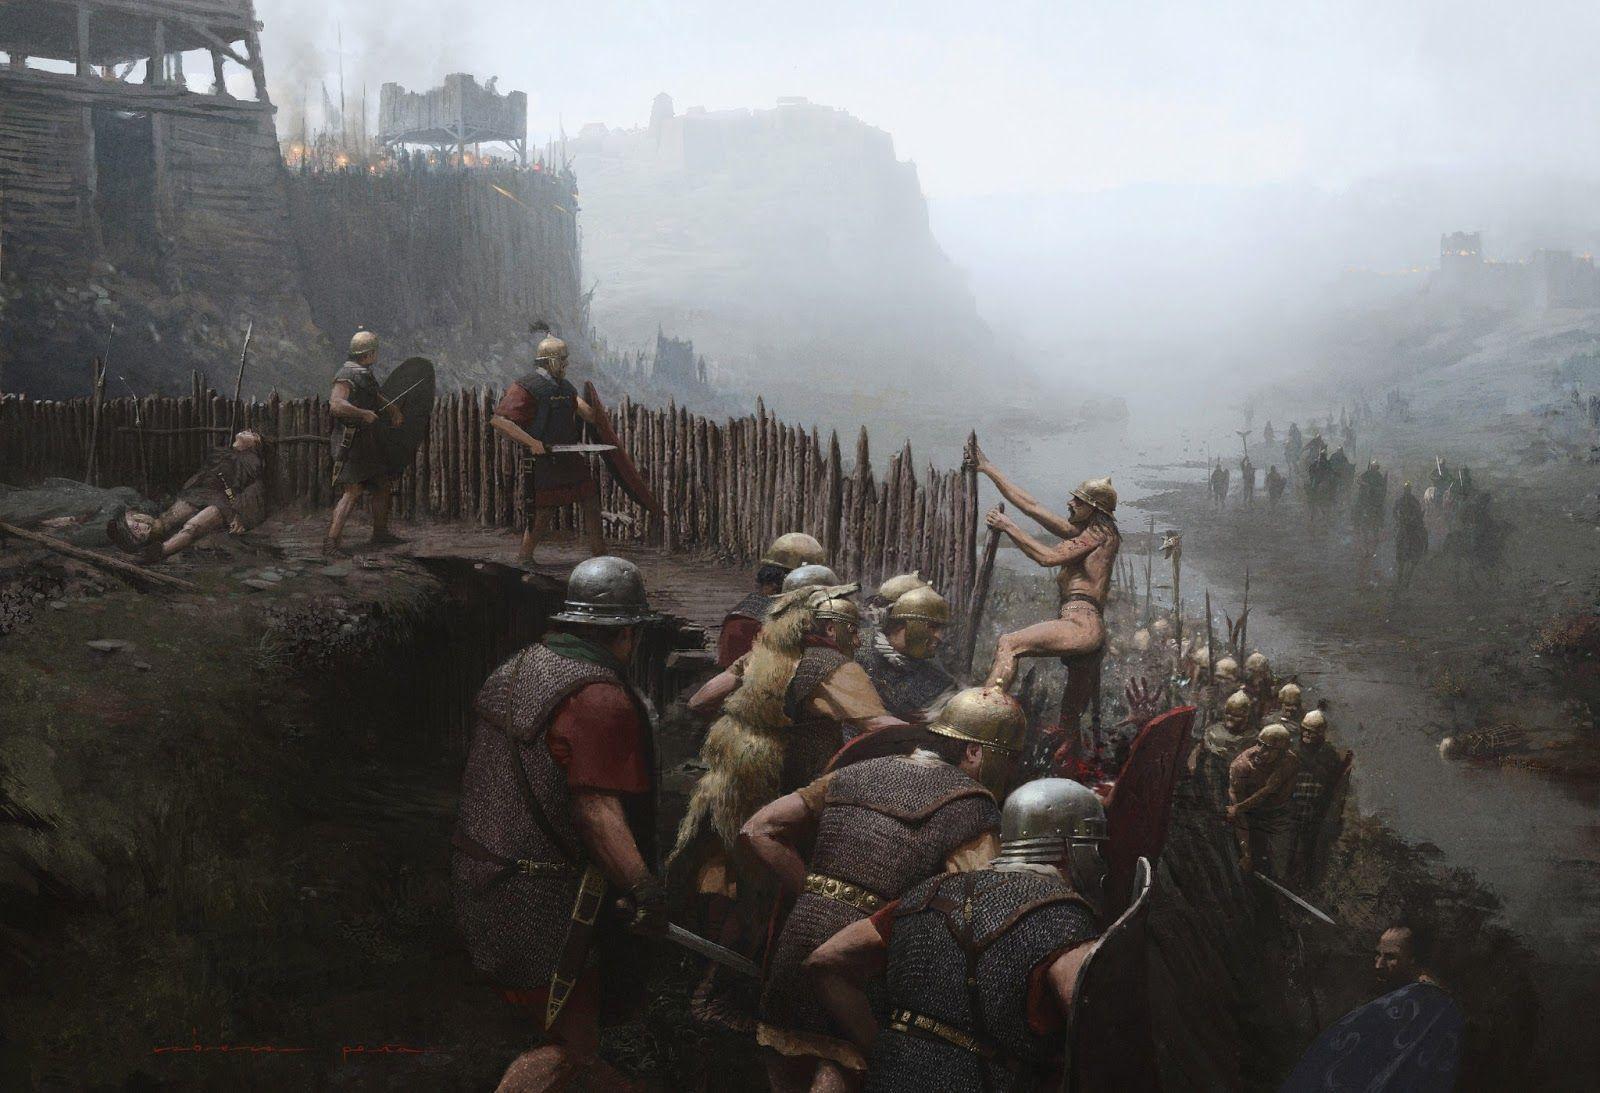 La Batalla de Alesia enfrentó a los romanos (60000-80000 soldados) y a los galos (330000) ¿Quiénes dirigió la batalla?